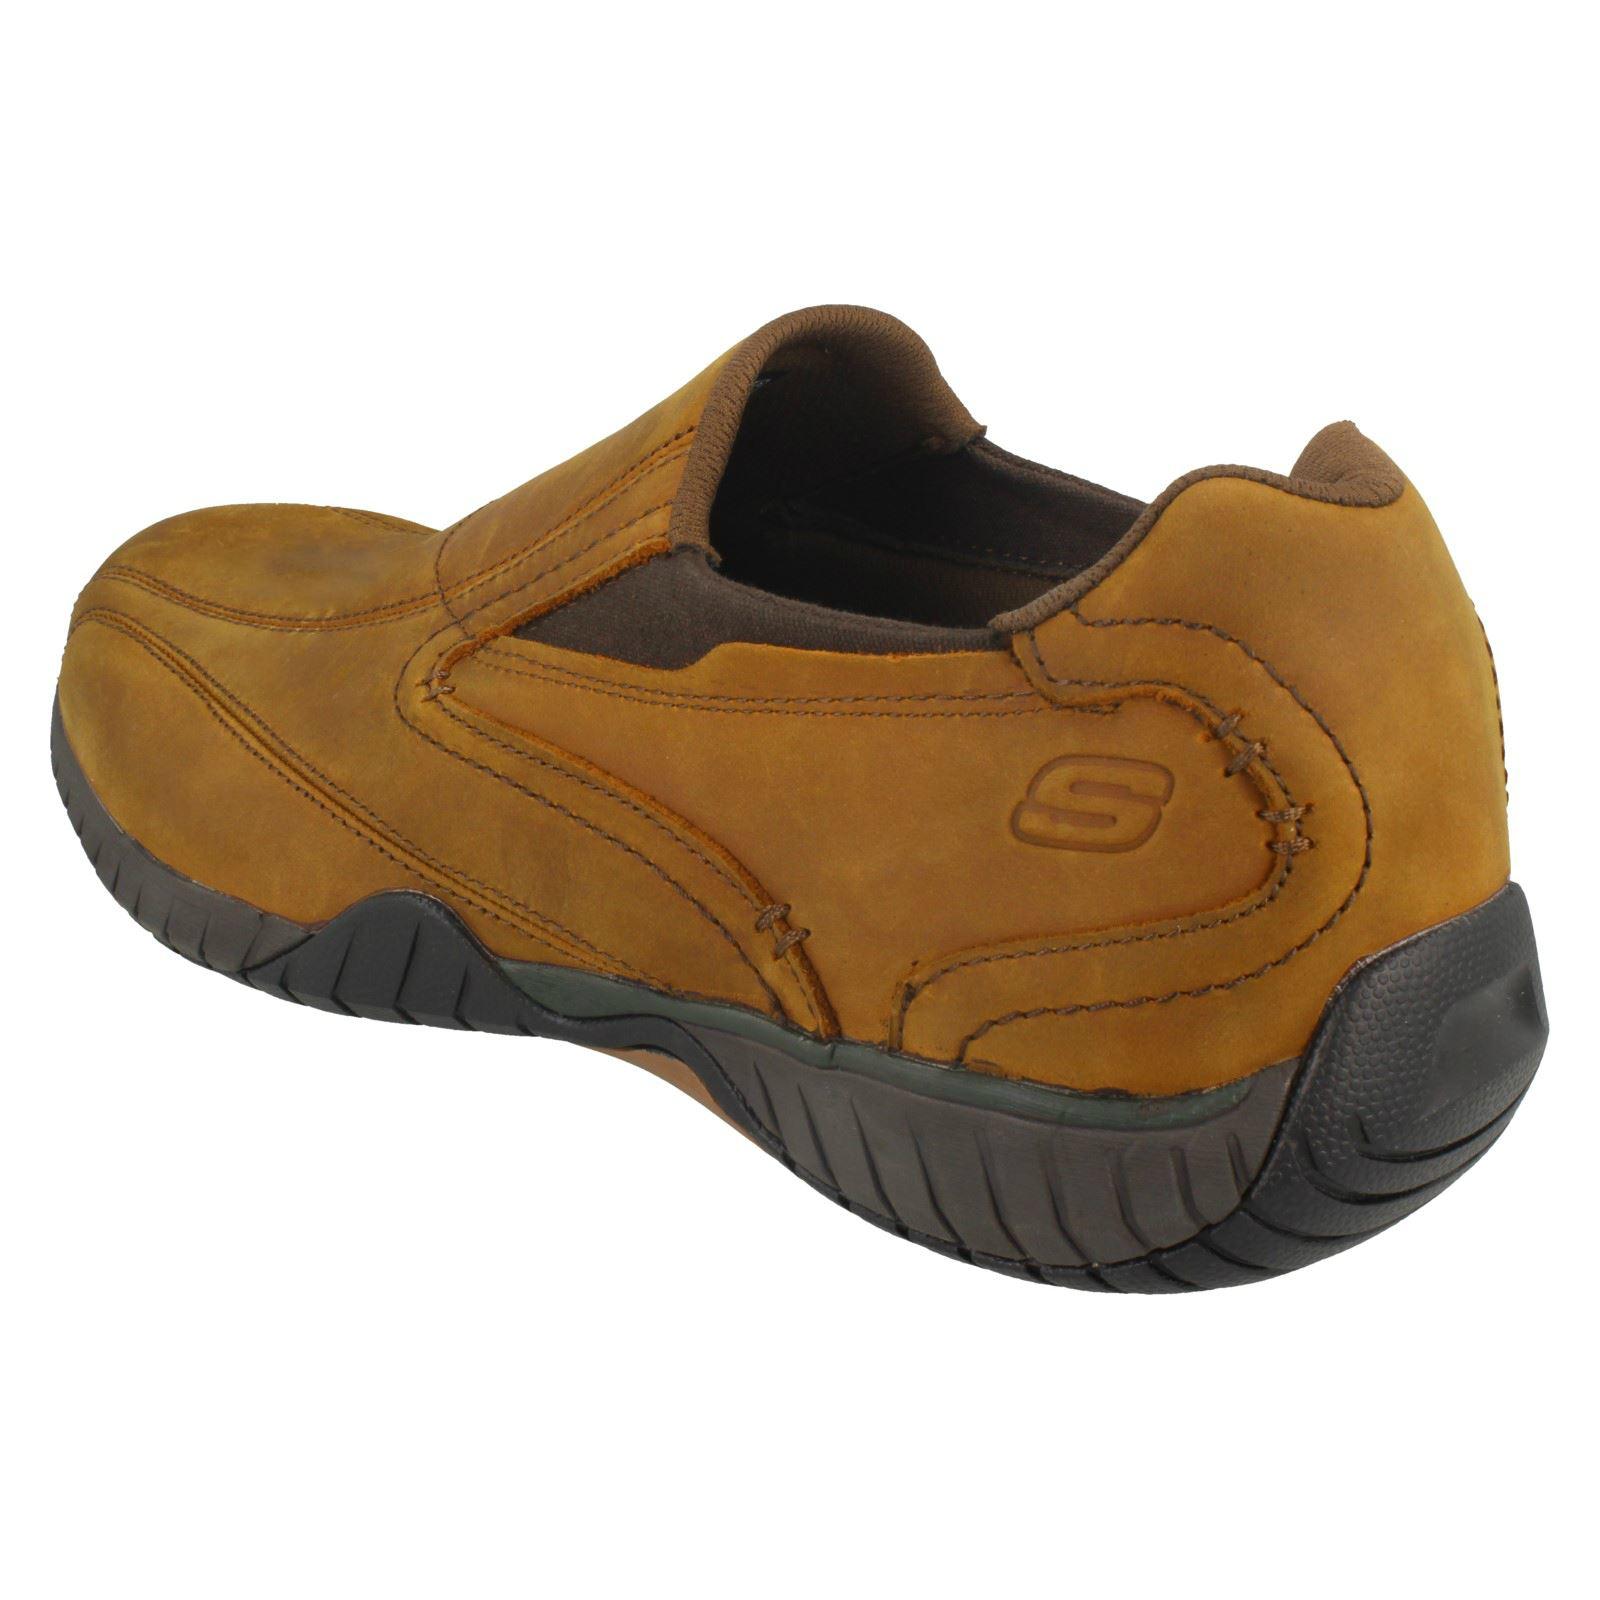 Diario Sendro Diario Skechers Hombre Zapatos Sendro Hombre Zapatos De De Skechers nqwx4z41